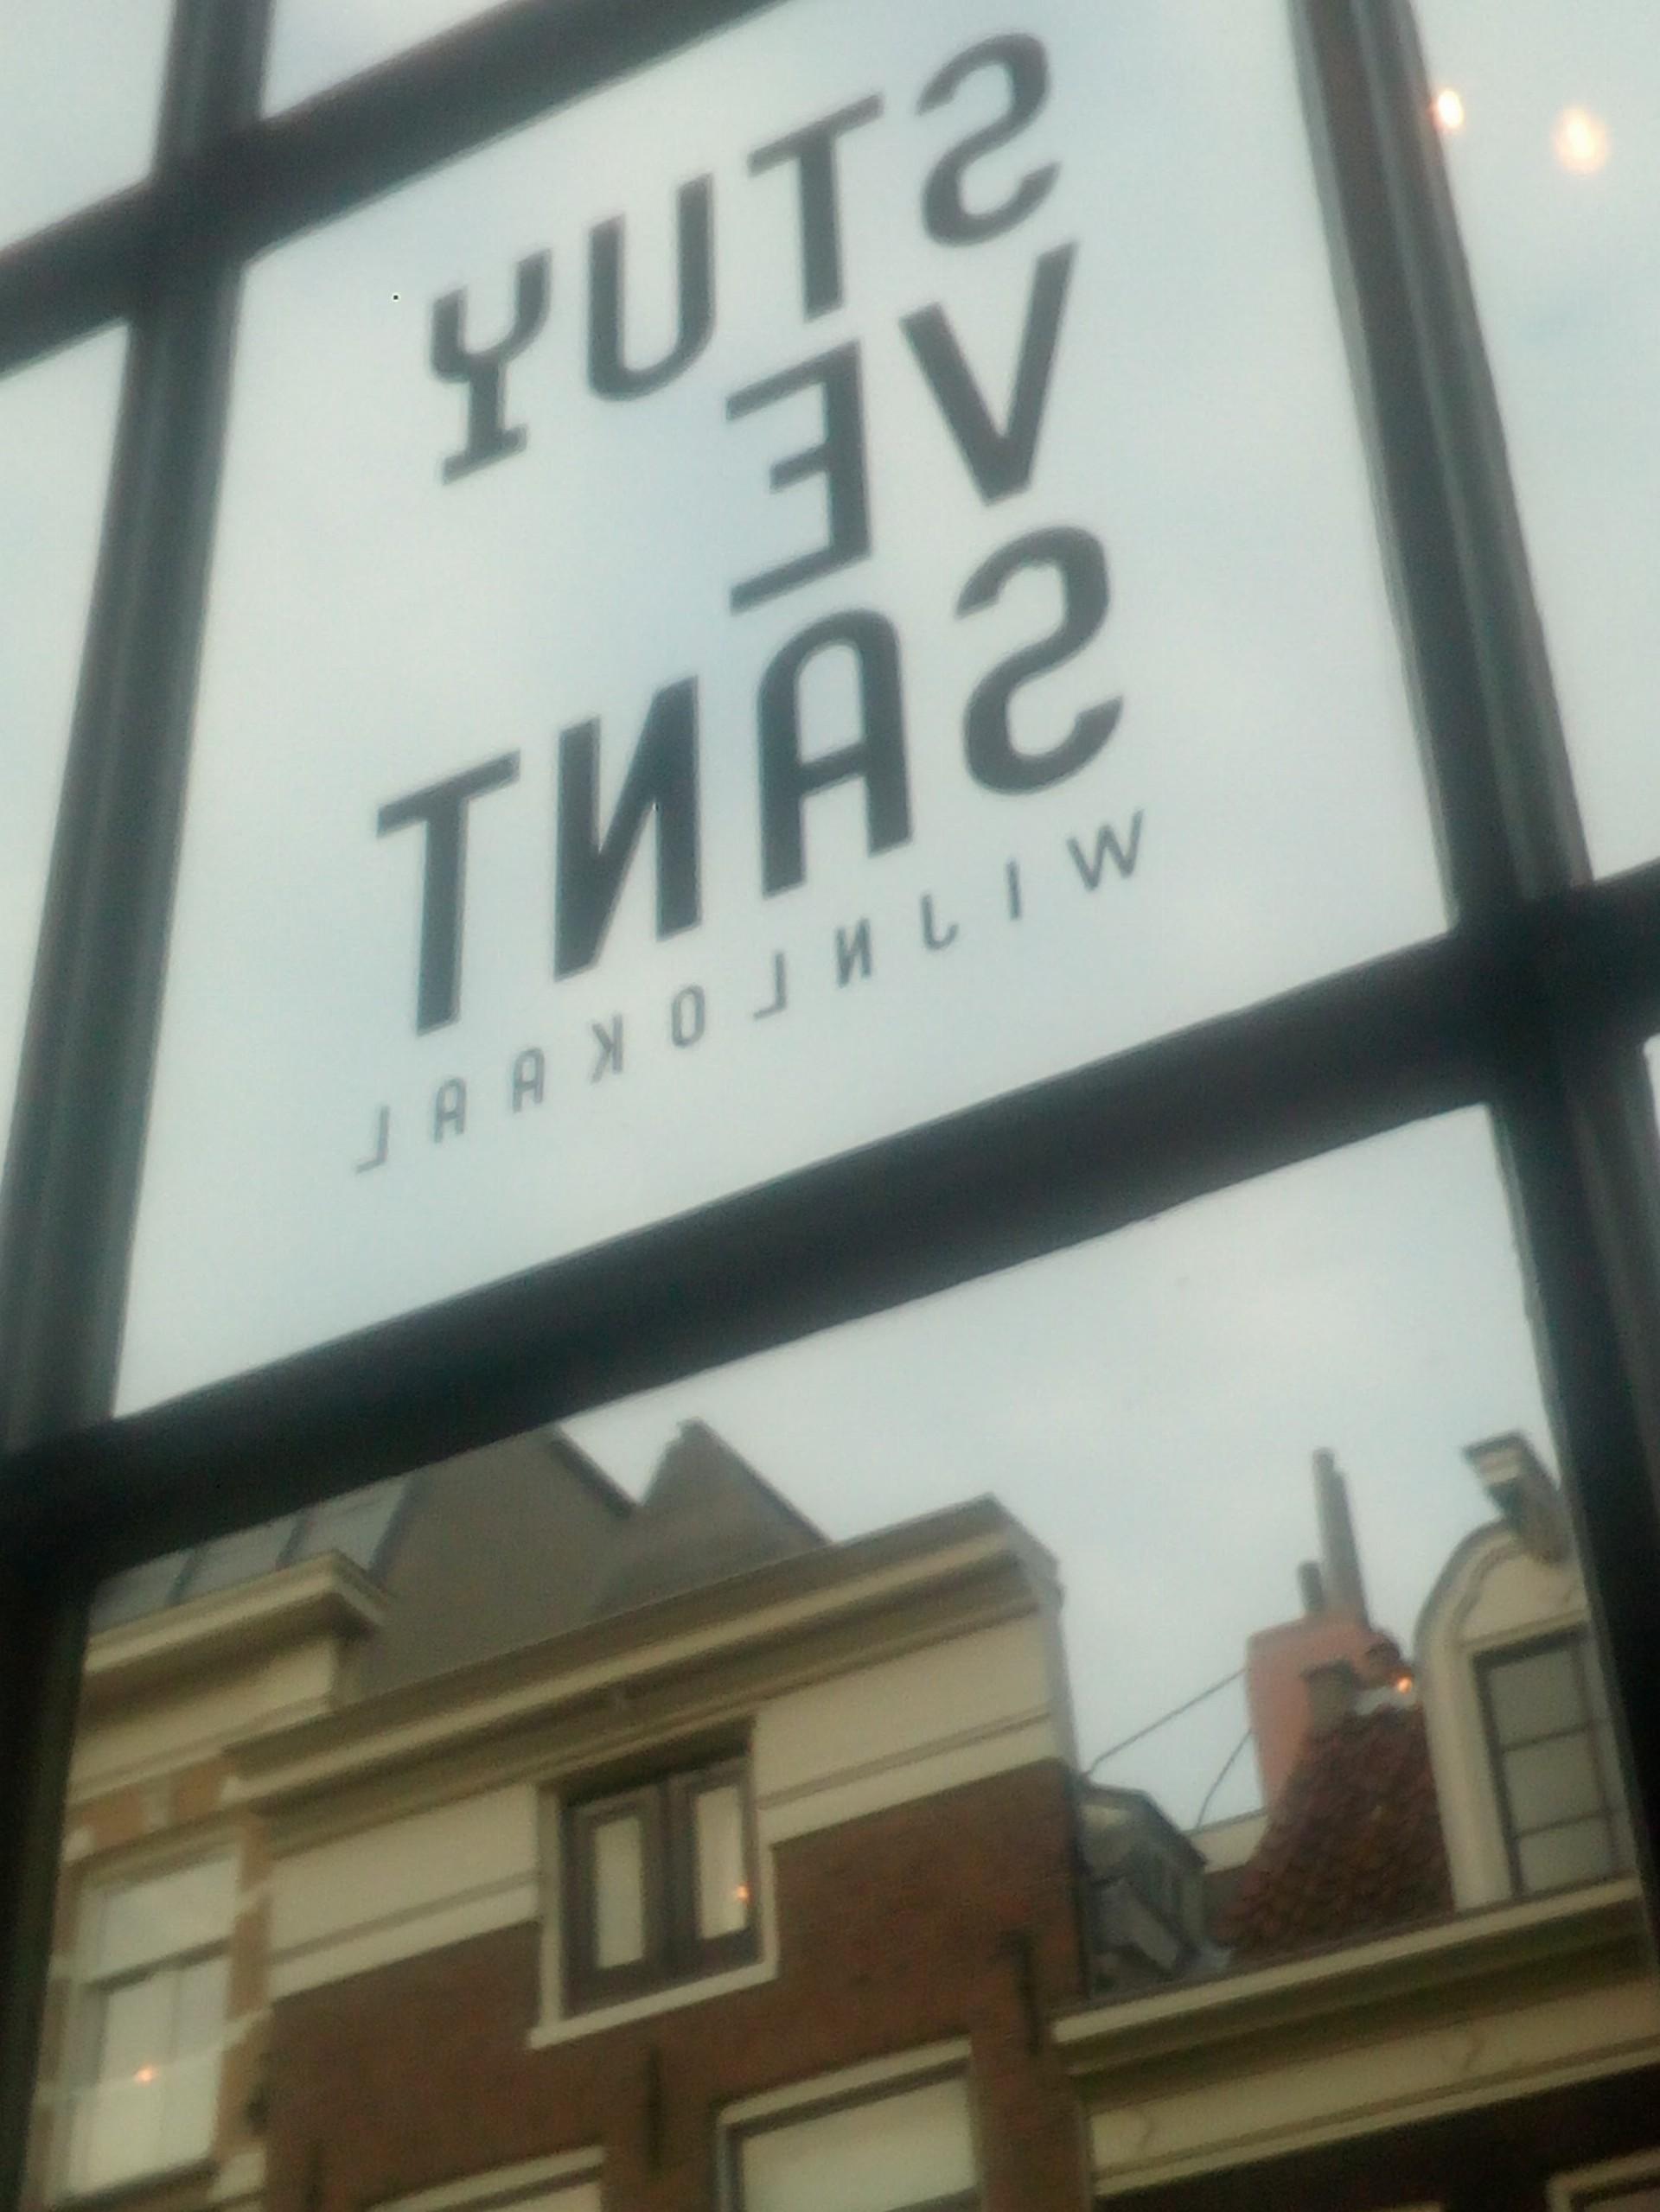 stuyvesant-wijnlokaal-gezellig-wijn-drinken-voor-de-amsterdammer-met-stijl